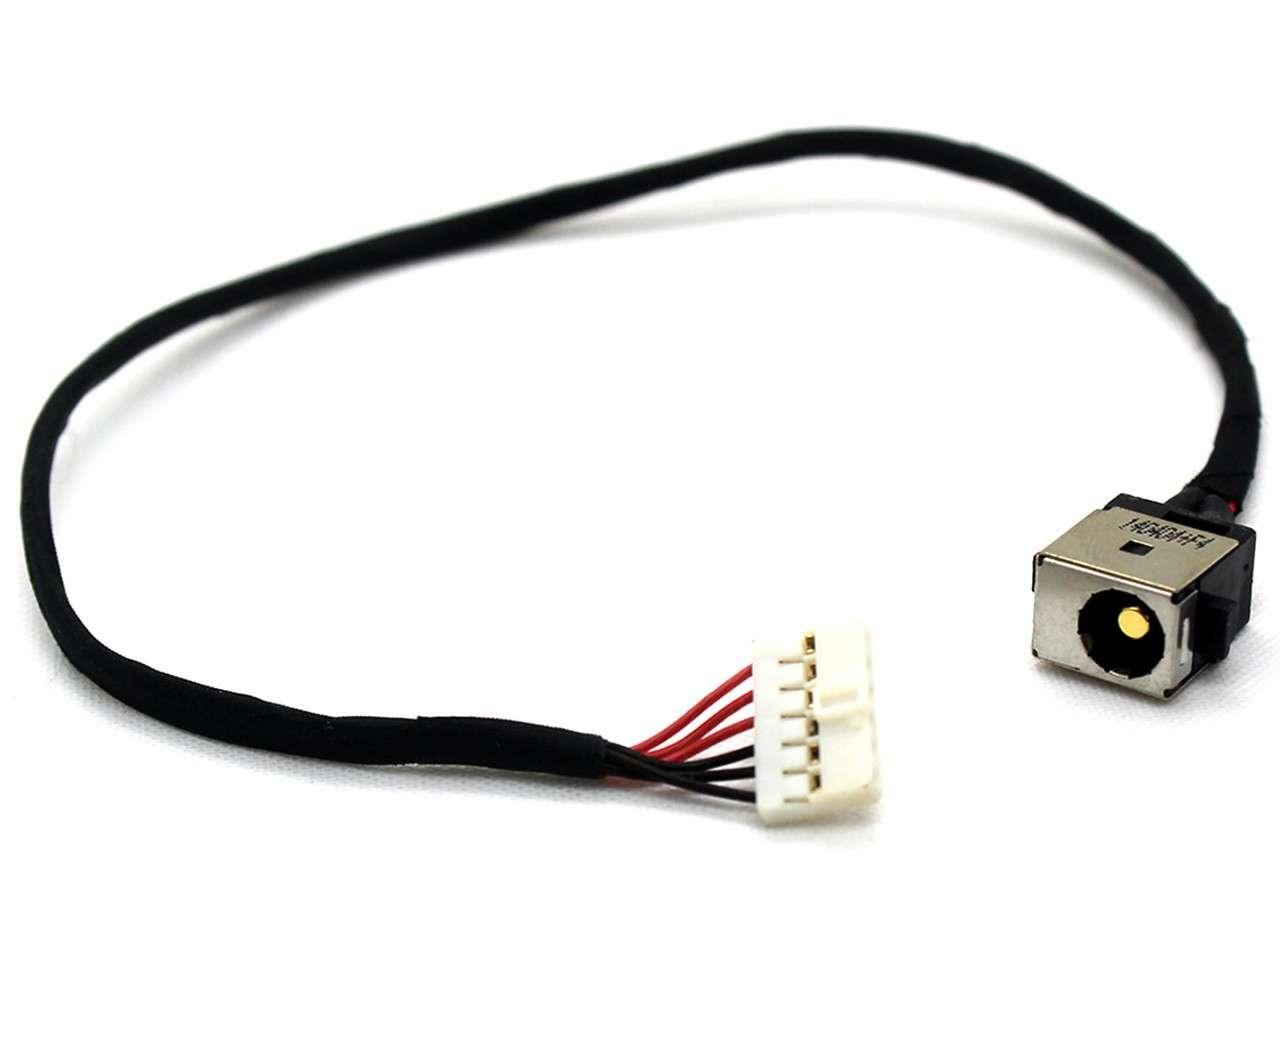 Mufa alimentare laptop Asus A56CM cu fir imagine powerlaptop.ro 2021